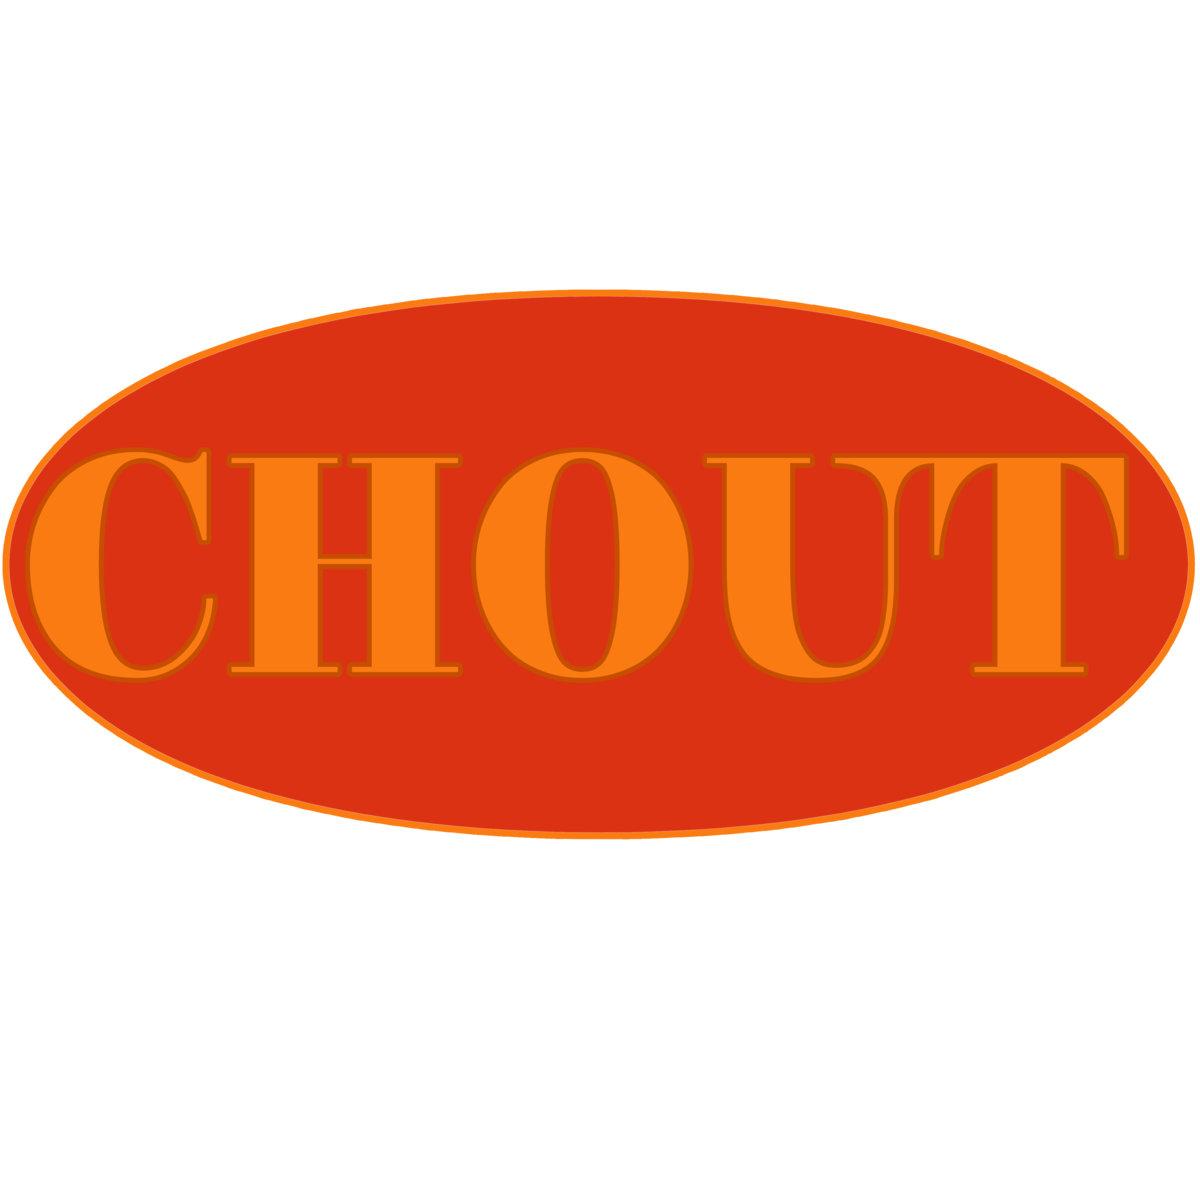 Chout